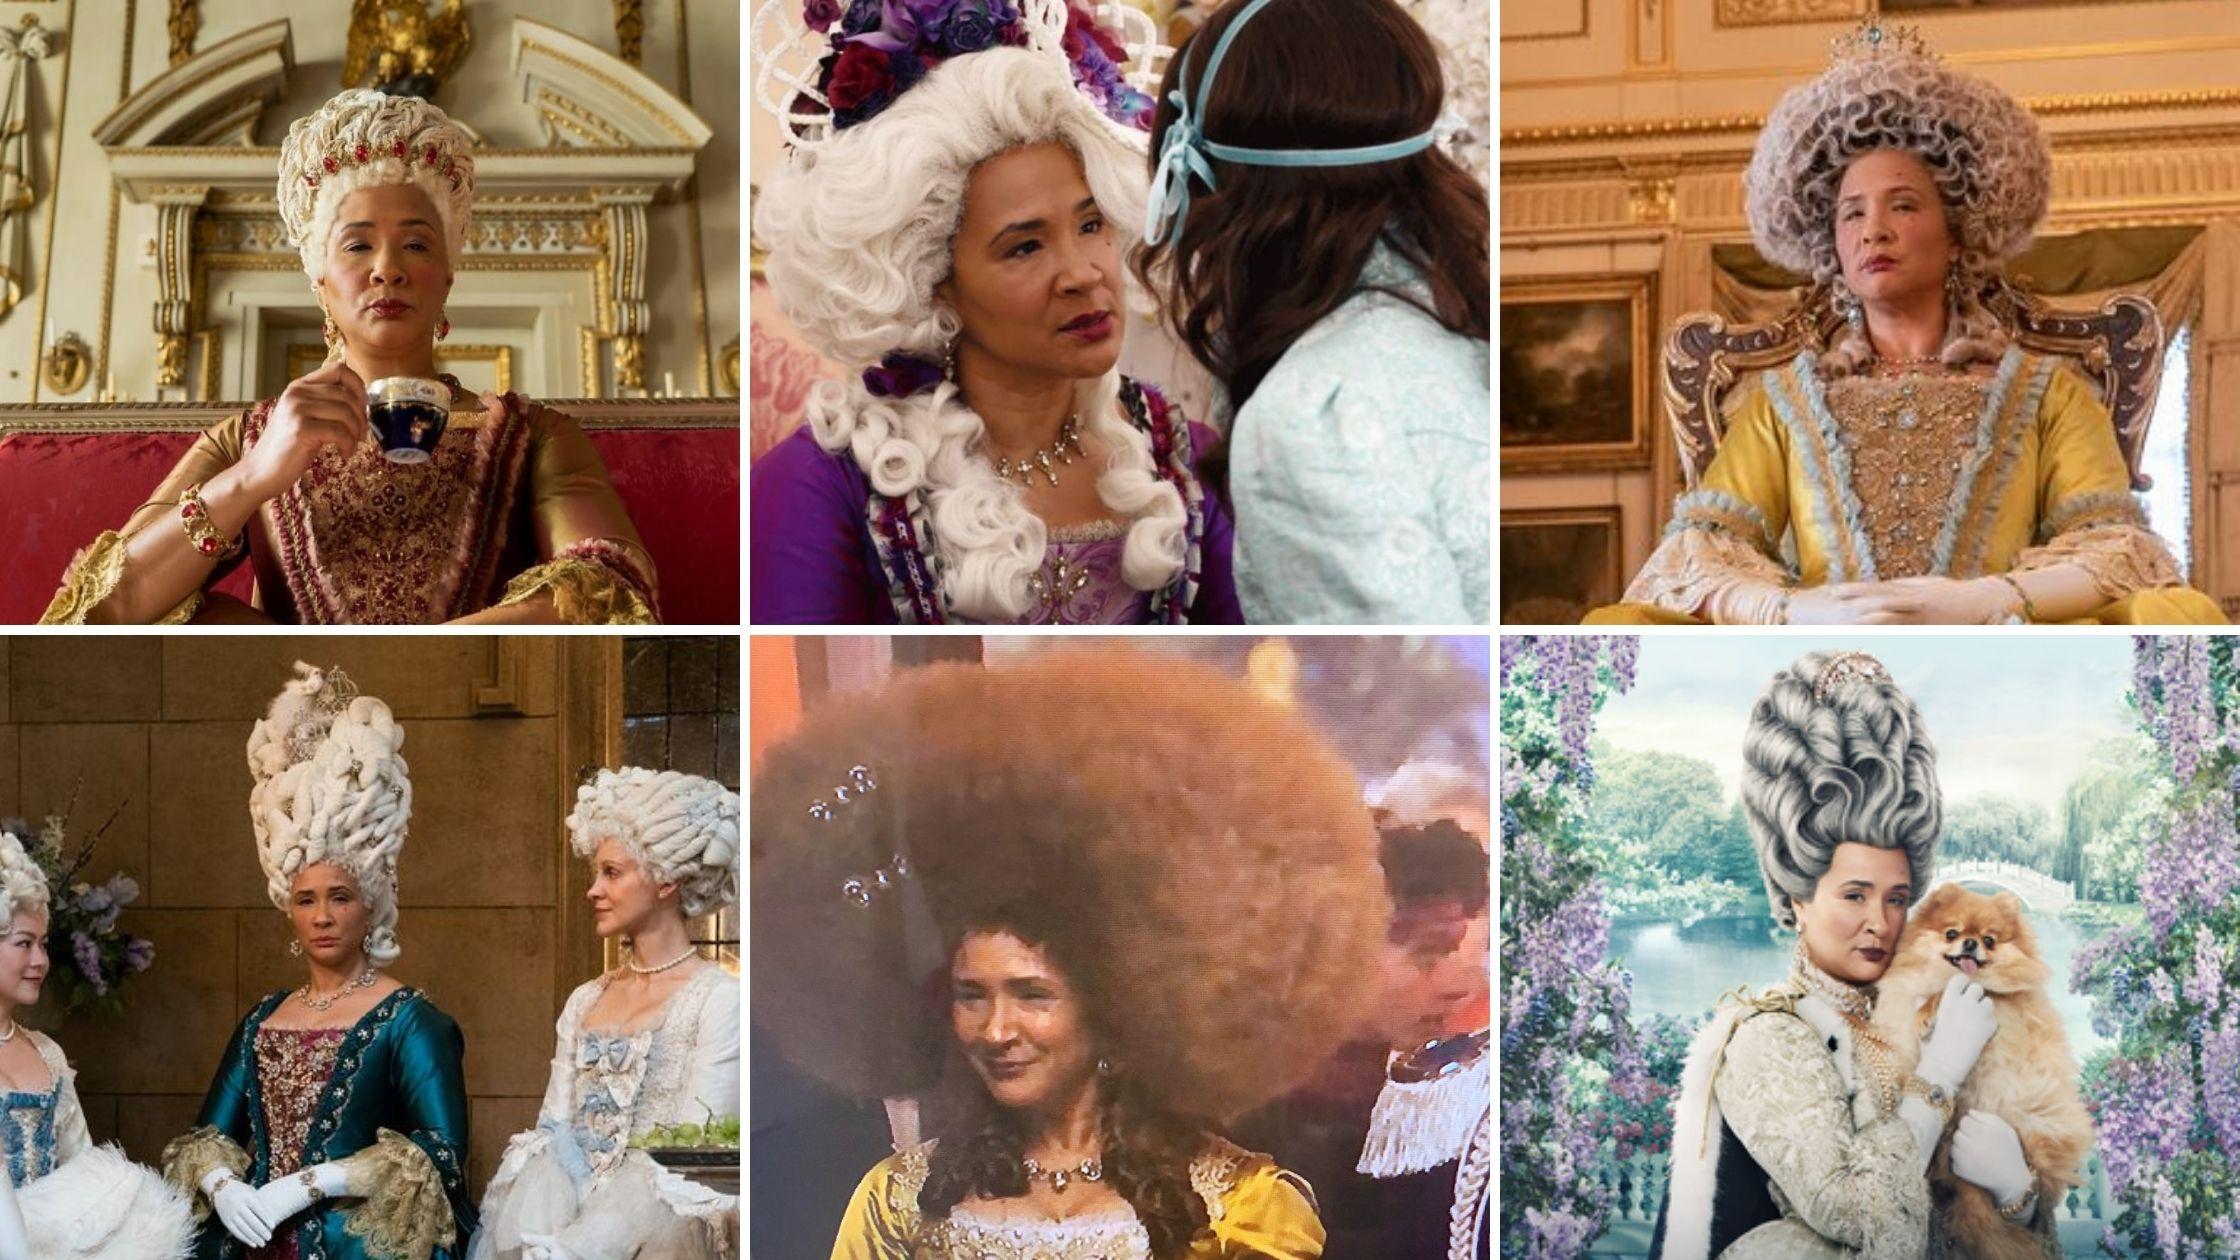 Les costumes de la Reine Charlotte